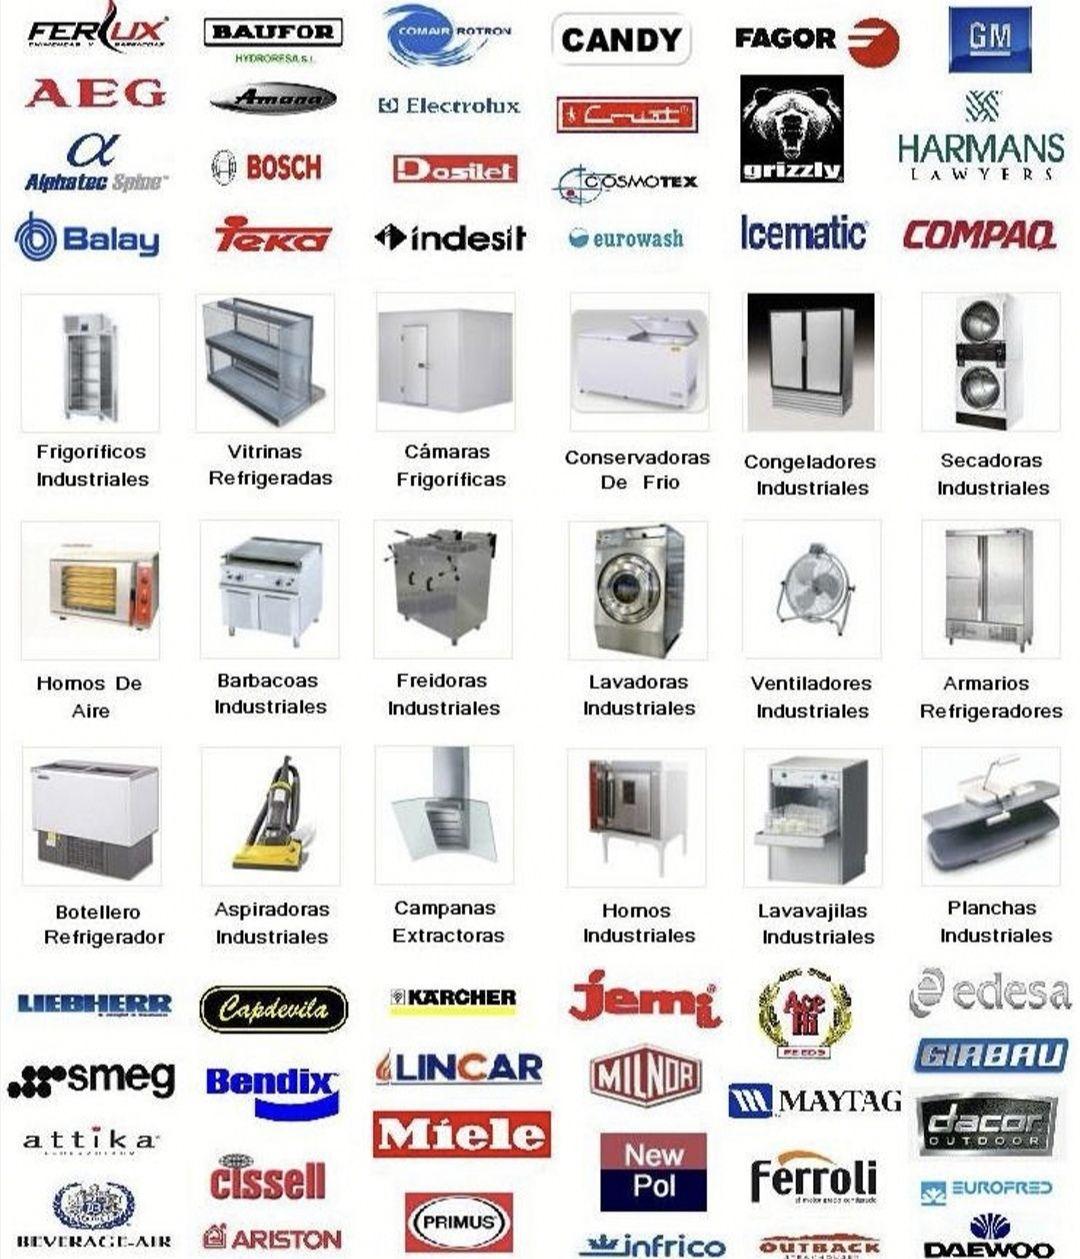 Reparación de electrodomésticos multimarca en Santa Cruz de Tenerife